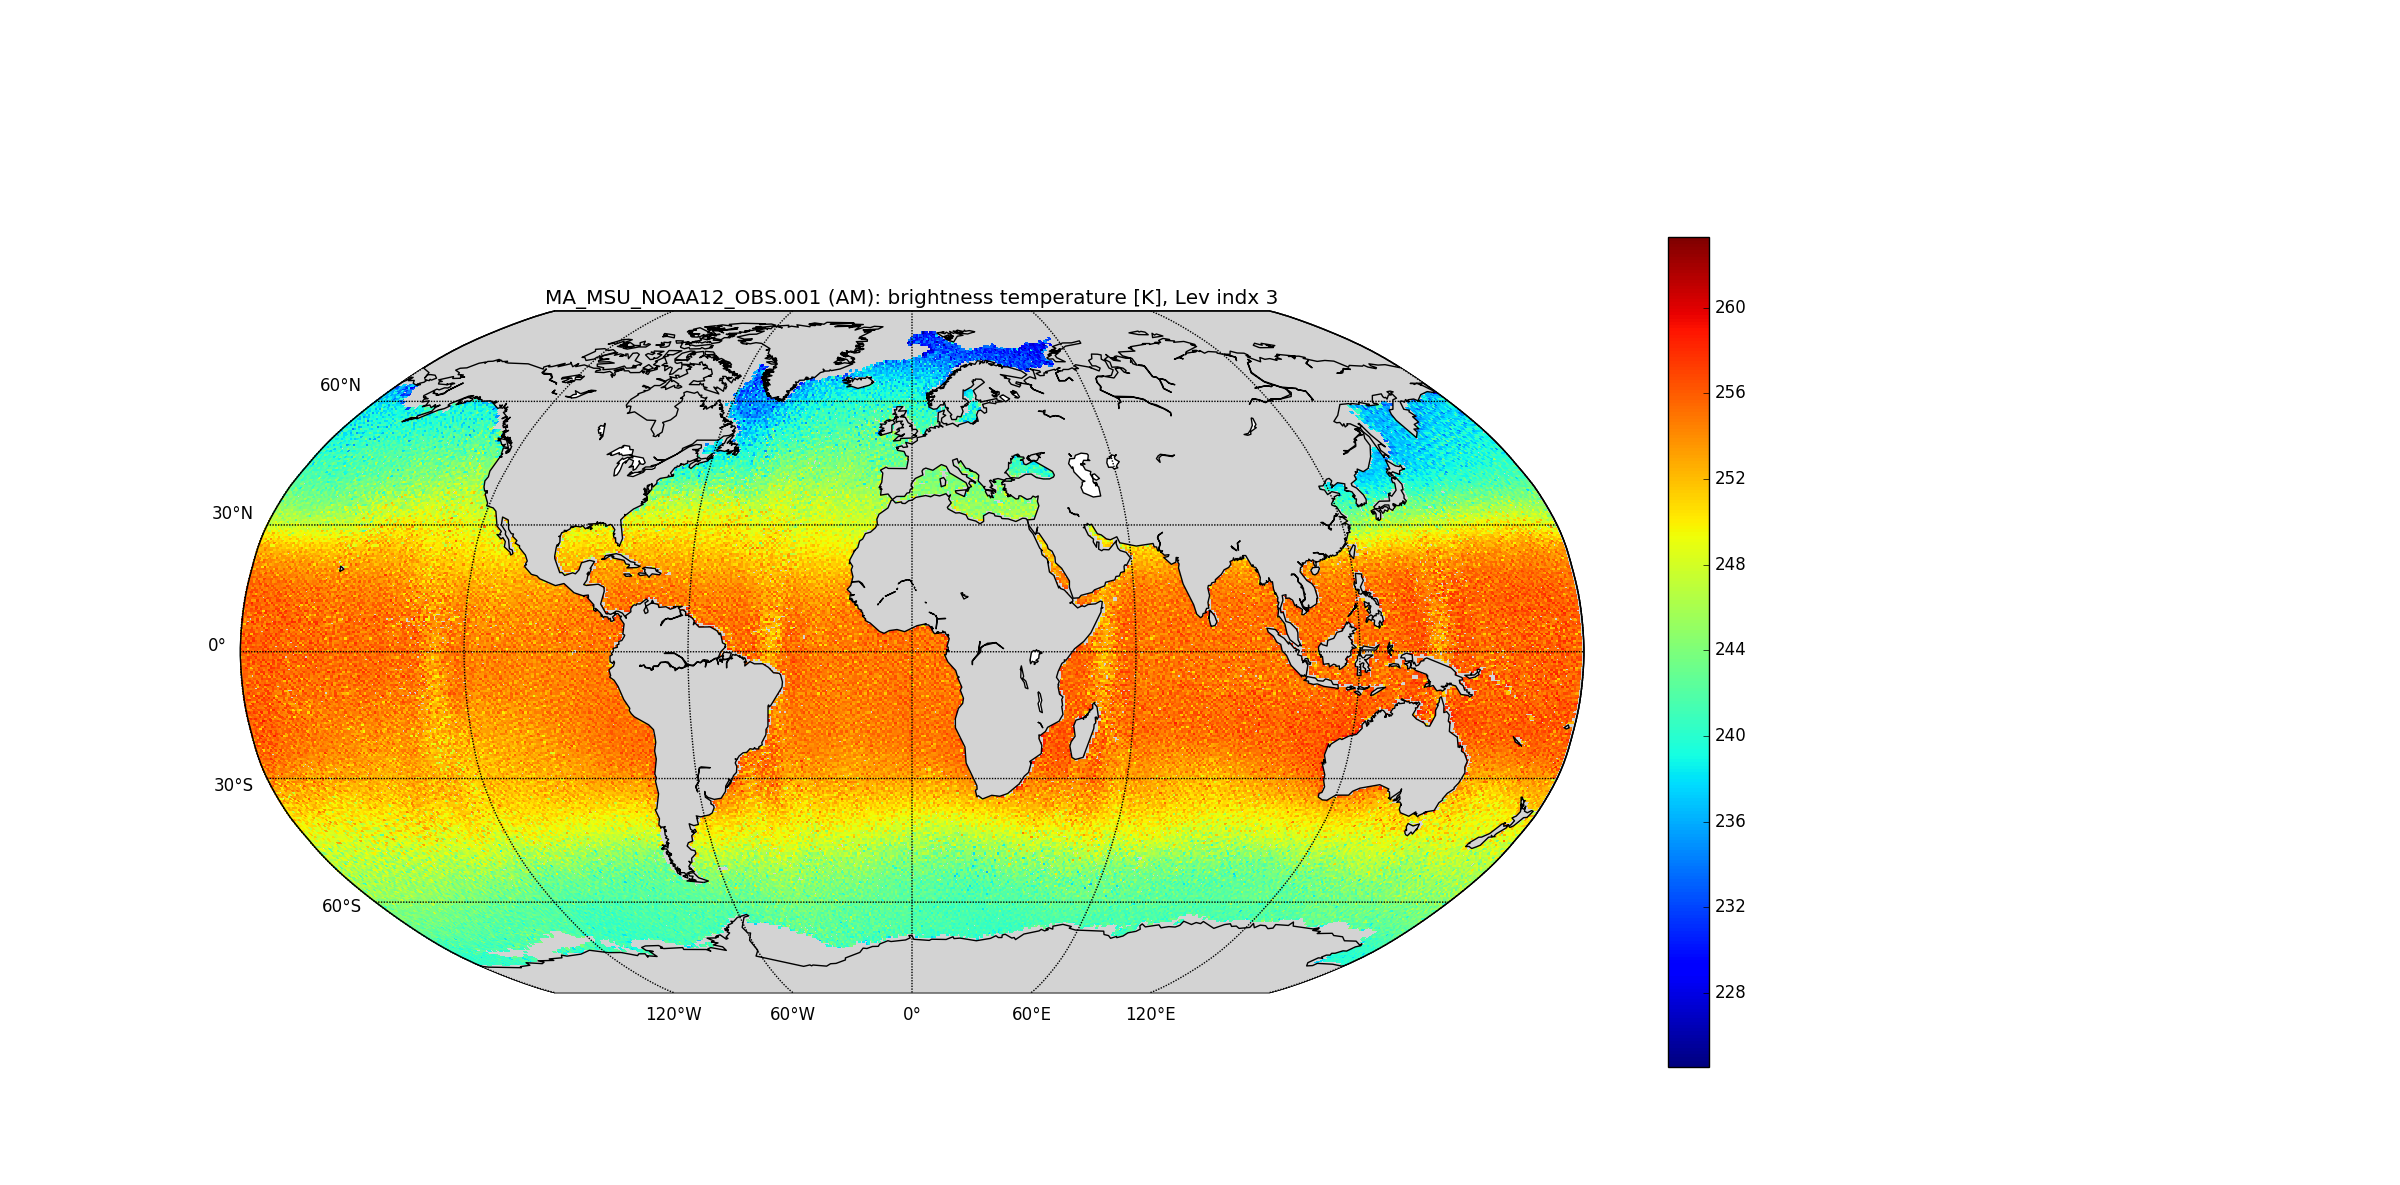 MA_MSU_NOAA12_OBS variable